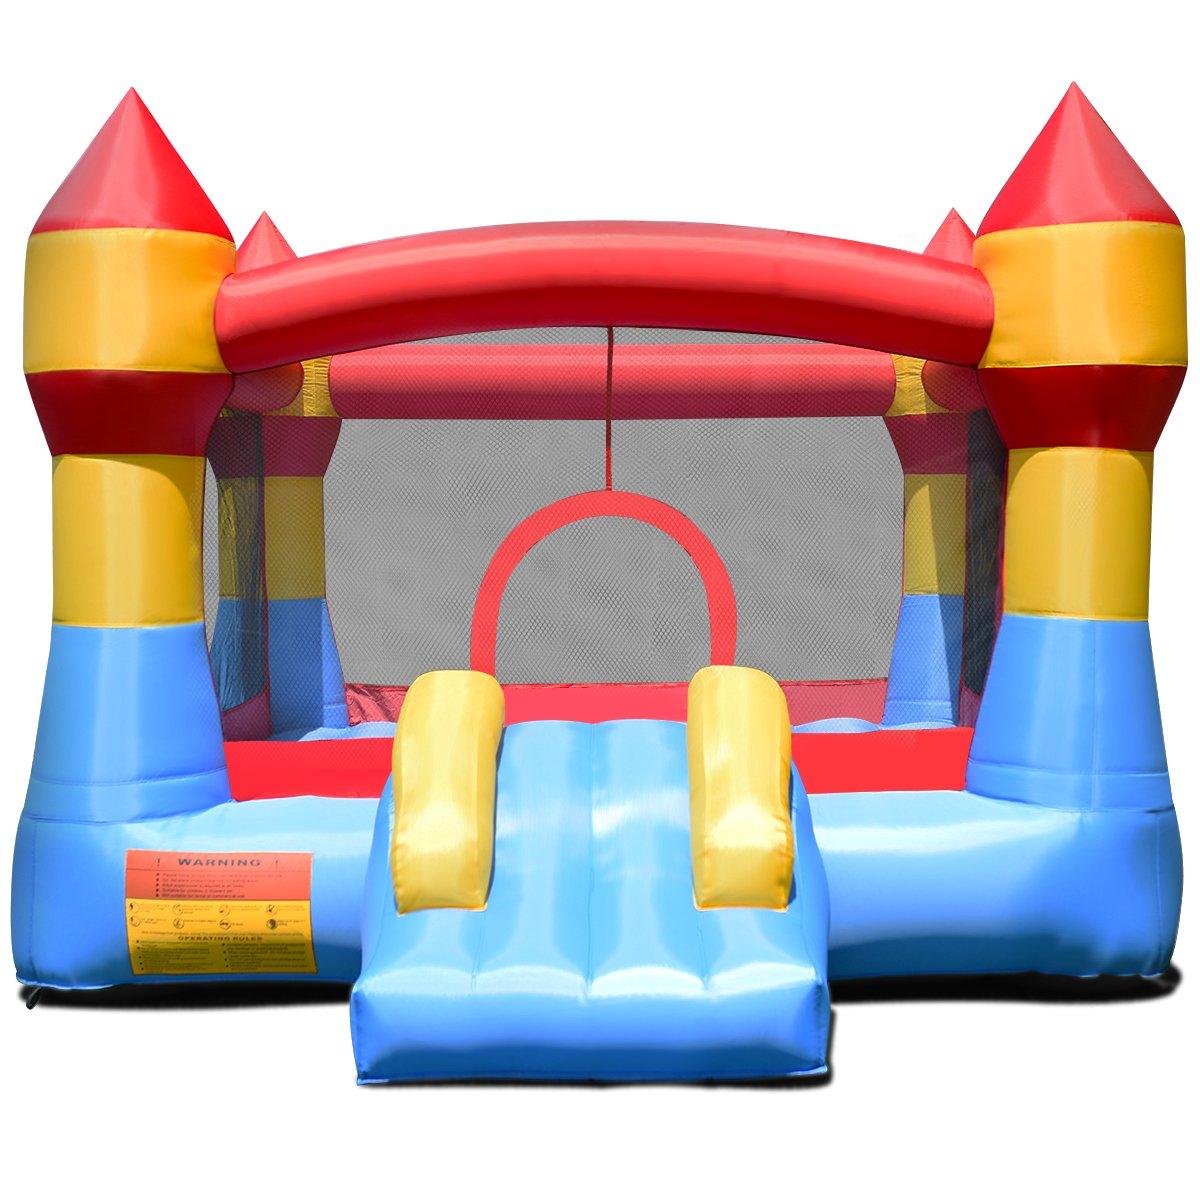 COSTWAY Castillo Hinchable con Tobog/án para Ni/ños 370x280x230cm Infantil Jueguete para Parque Patio Jard/ín